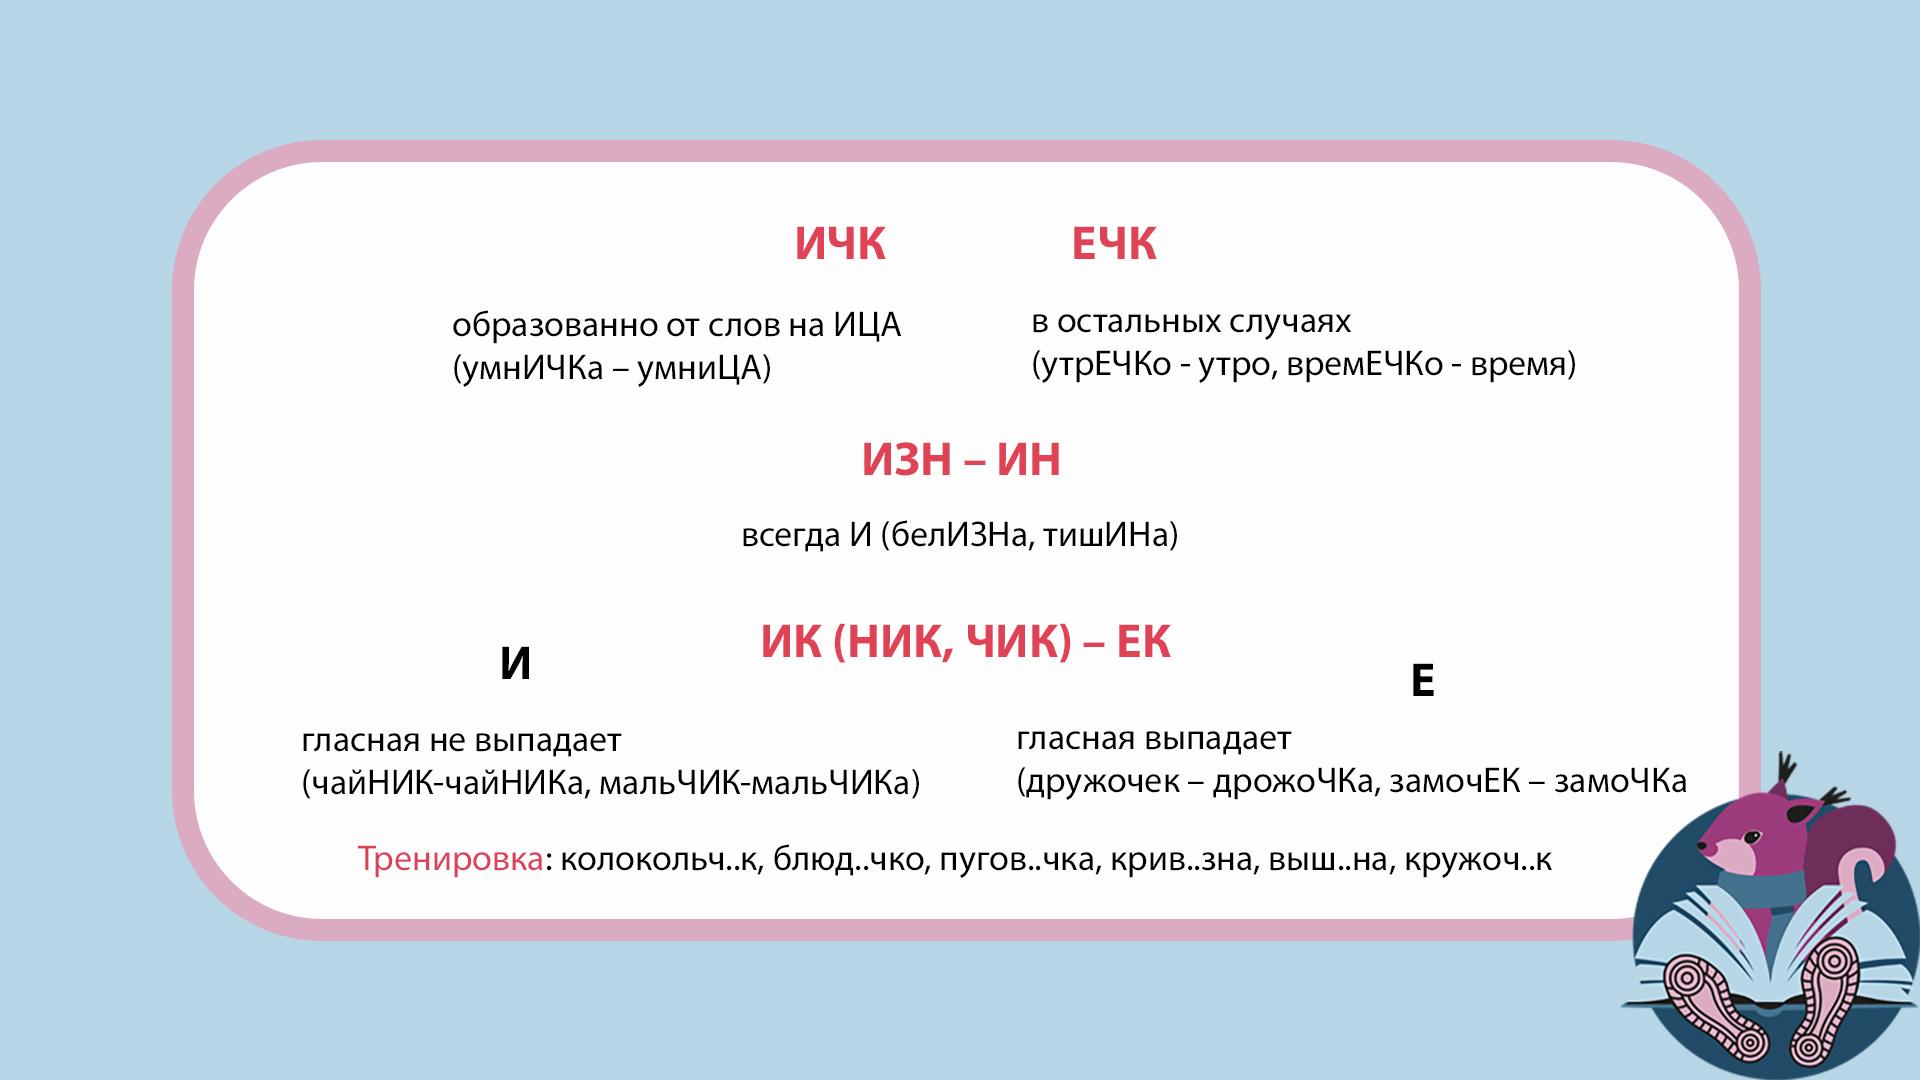 ЕГЭ: русский язык. Правописание суффиксов ИЗН – ИН, ИЧК – ЕЧК, ИК (НИК, ЧИК) – ЕК